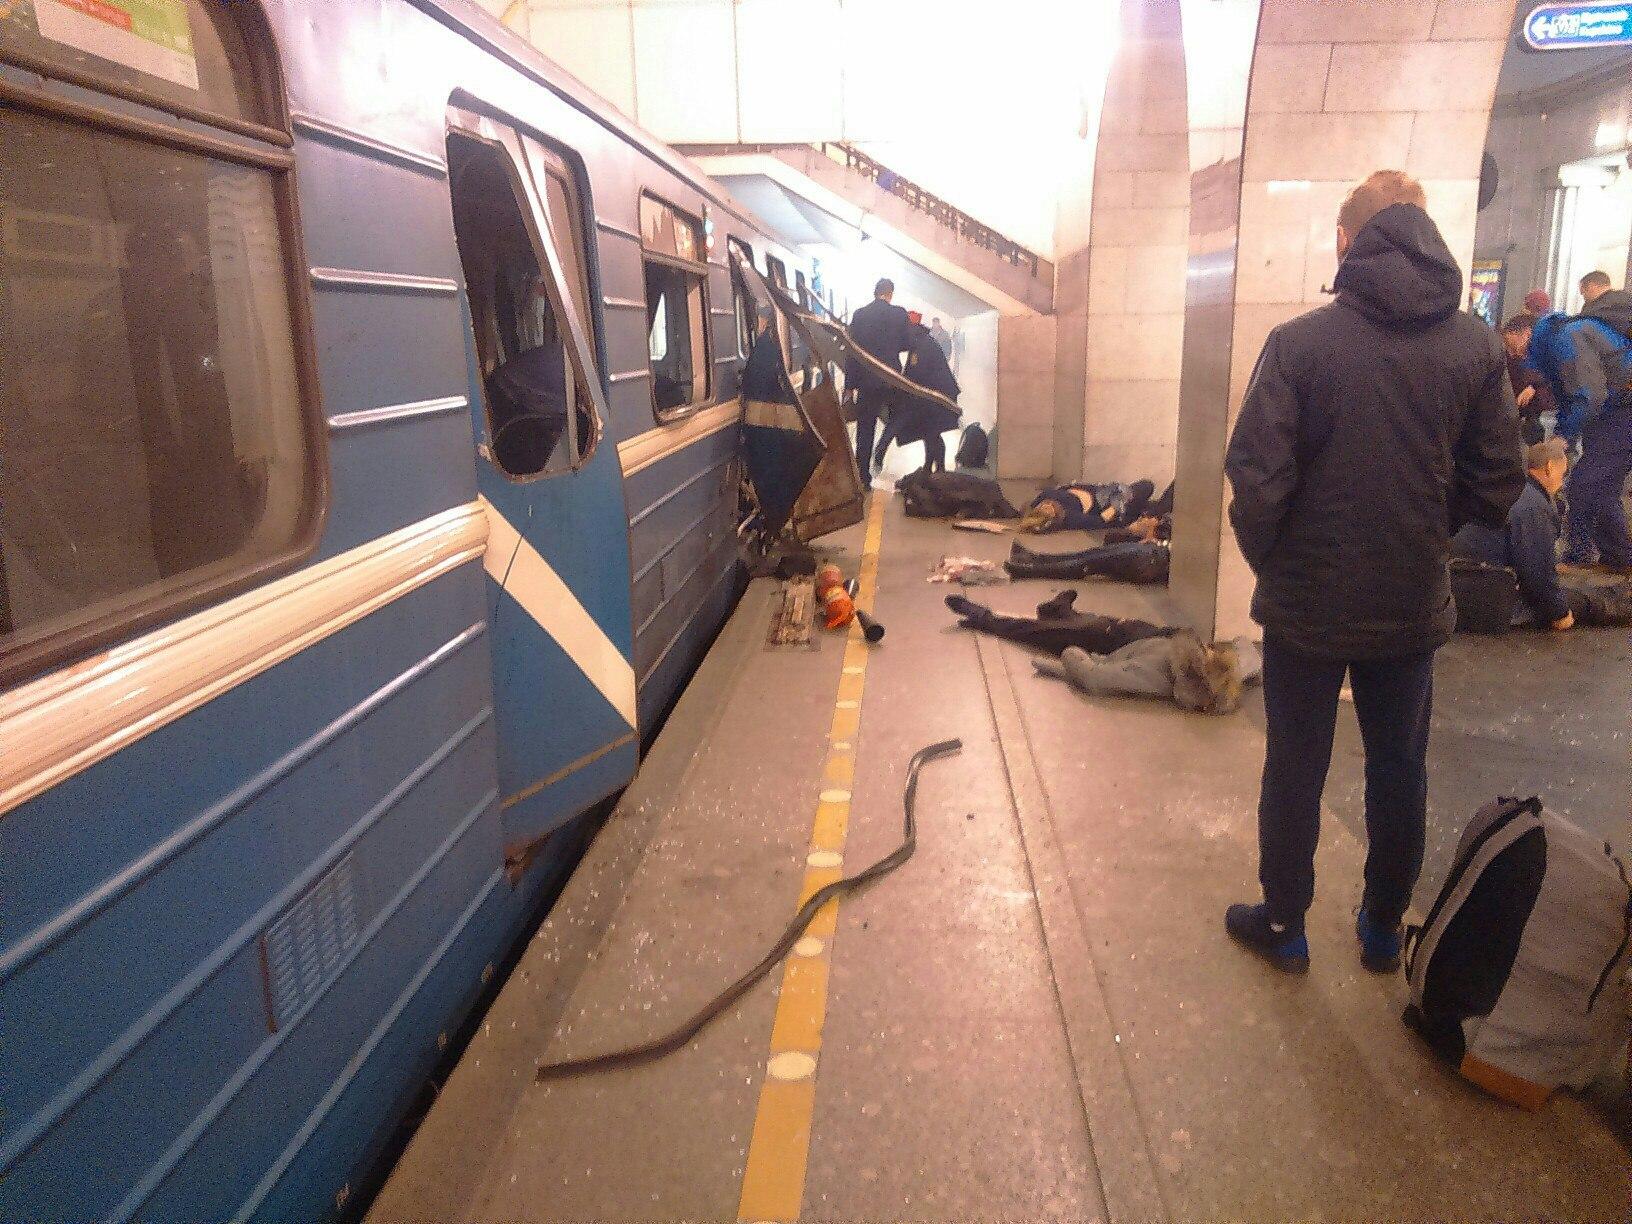 Власти сообщили о 50 пострадавших при взрывах в Петербурге (Трансляция с Сенной площади в